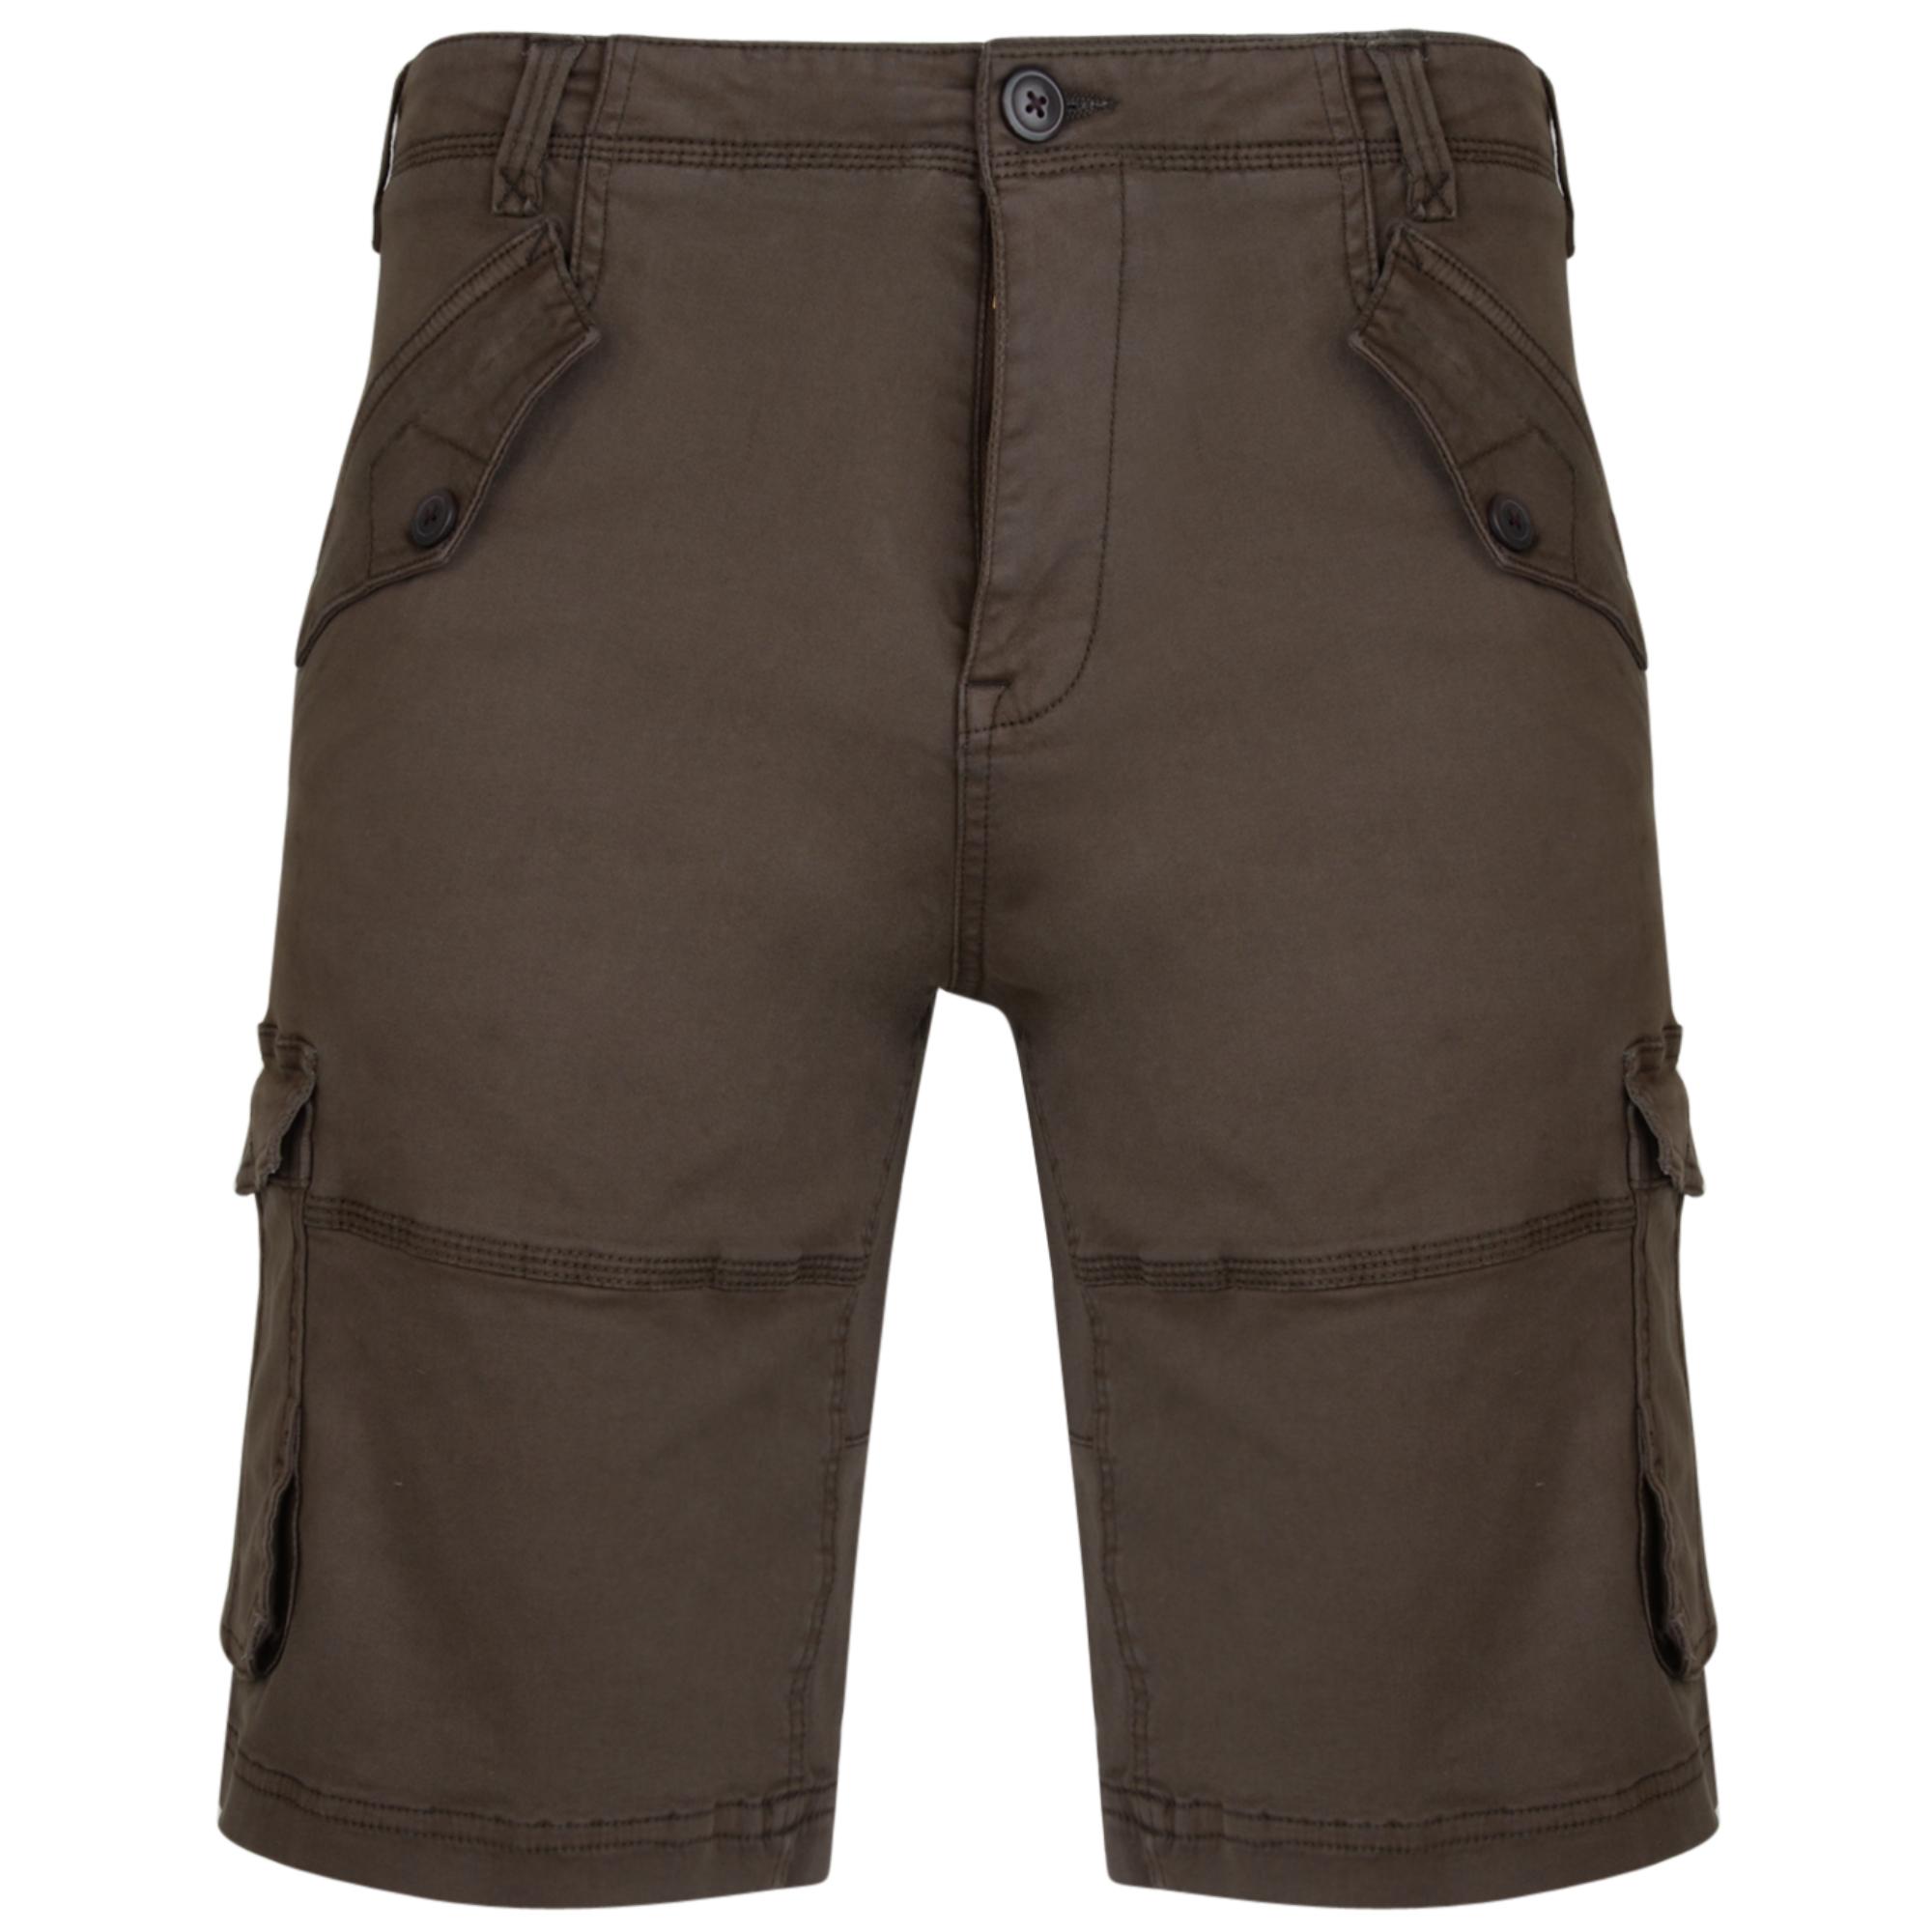 Short van KAM met rits in de kleur khaki. Diepe zakken.